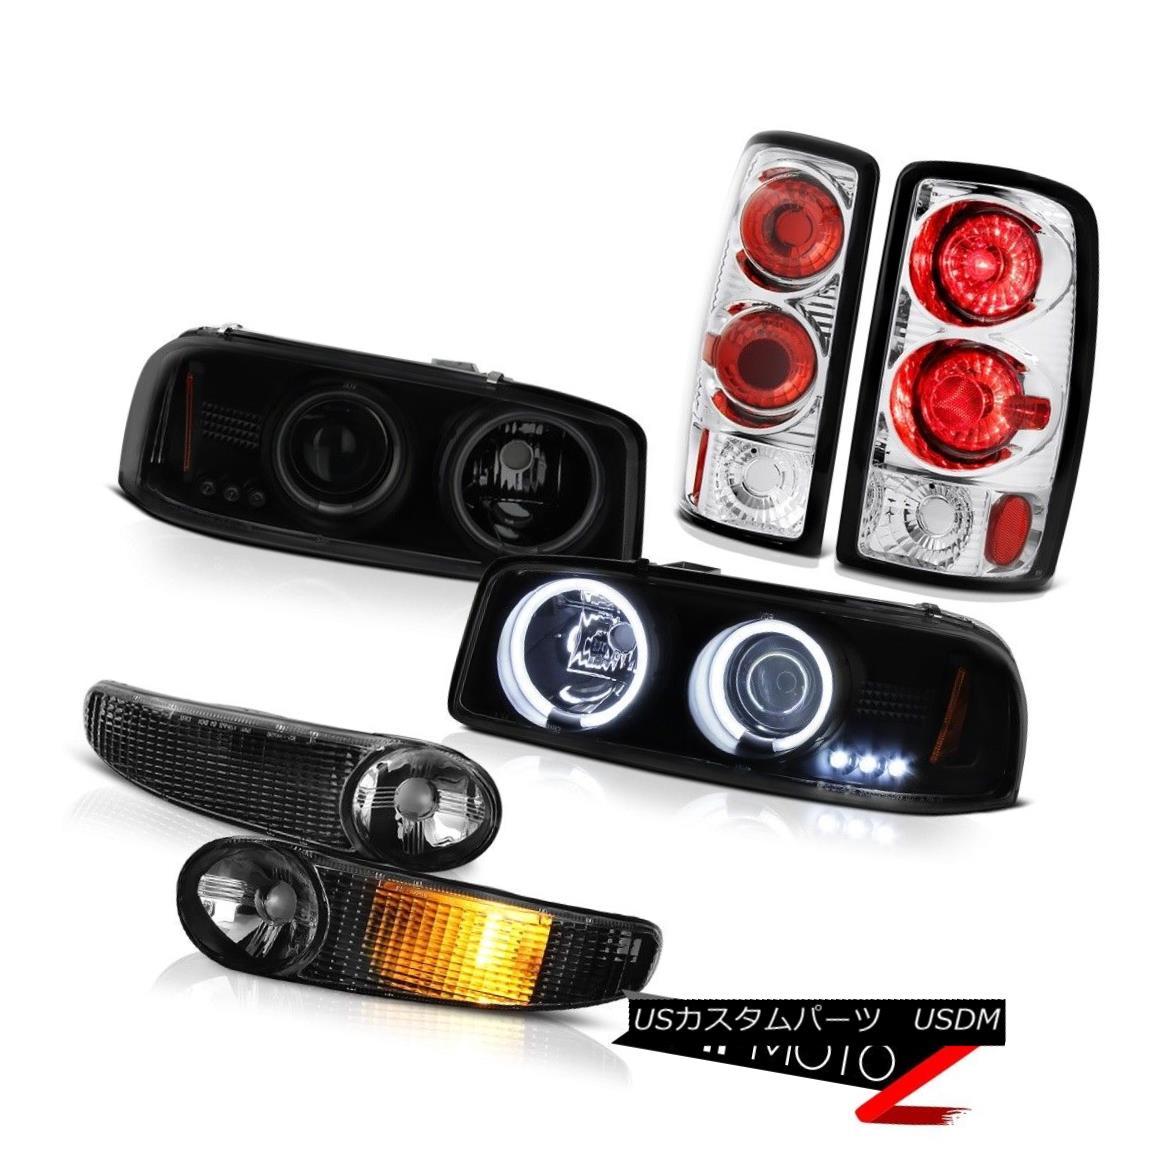 テールライト BRIGHTEST CCFL Halo Headlights Bumper Signal Rear Brake Tail Lights 00-06 Yukon BRIGHTEST CCFL Haloヘッドライトバンパーシグナルリアブレーキテールライト00-06ユーコン